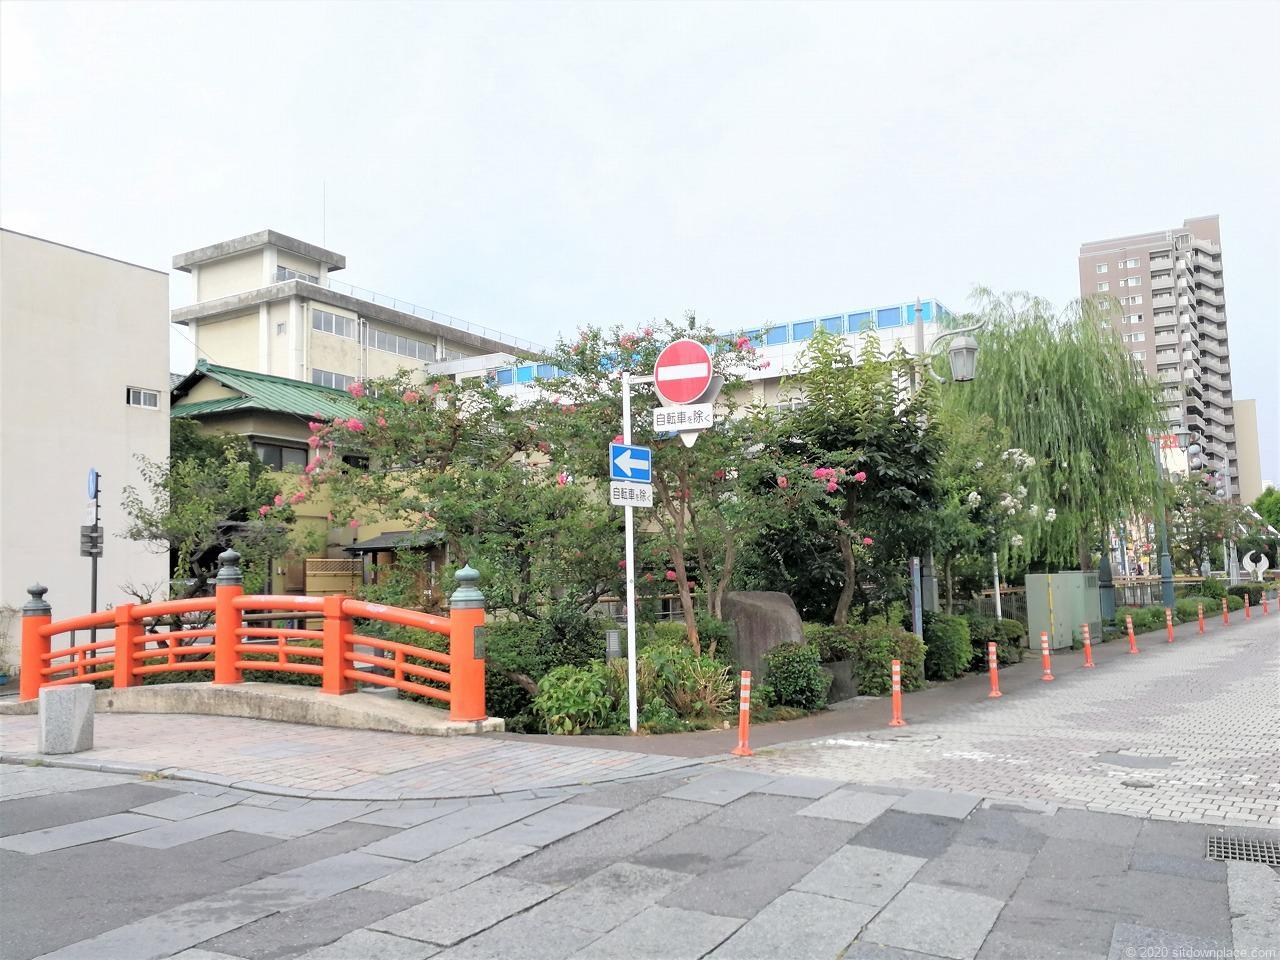 東武宇都宮駅 釜川プロムナード ロマンチックドームの外観